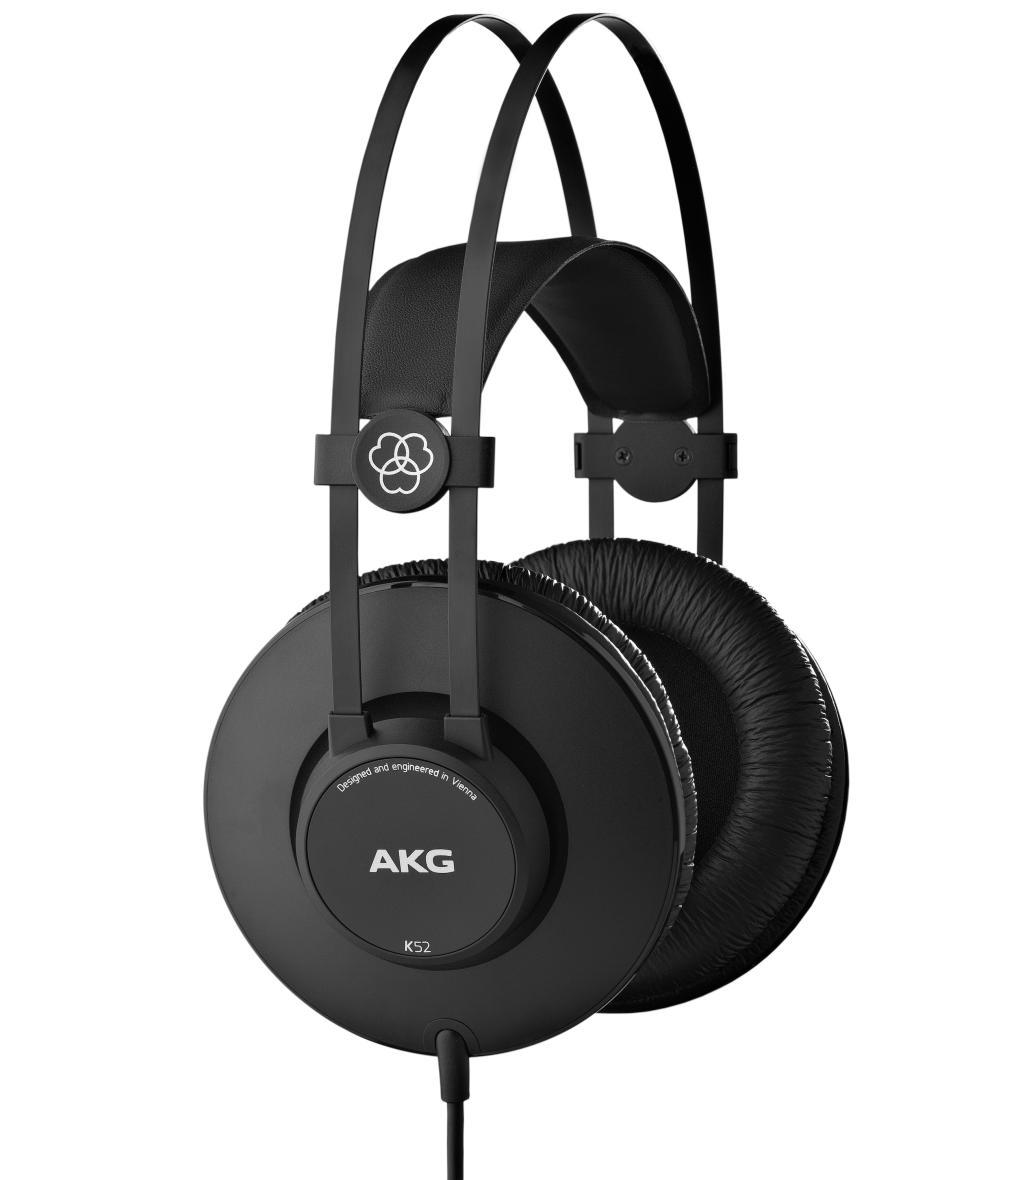 Powieksz do pelnego rozmiaru AKG K 52, AKG K52, AKG K-52, słuchawki profesjonalne, słuchawki studyjne, słuchawki realizatorskie, słuchawki uniwersalne, słuchawki z pałąkiem, słuchawki nagłowne, słuchawki wokółuszne, słuchawki zamknięte, słuchawki z kablem jednostronnym